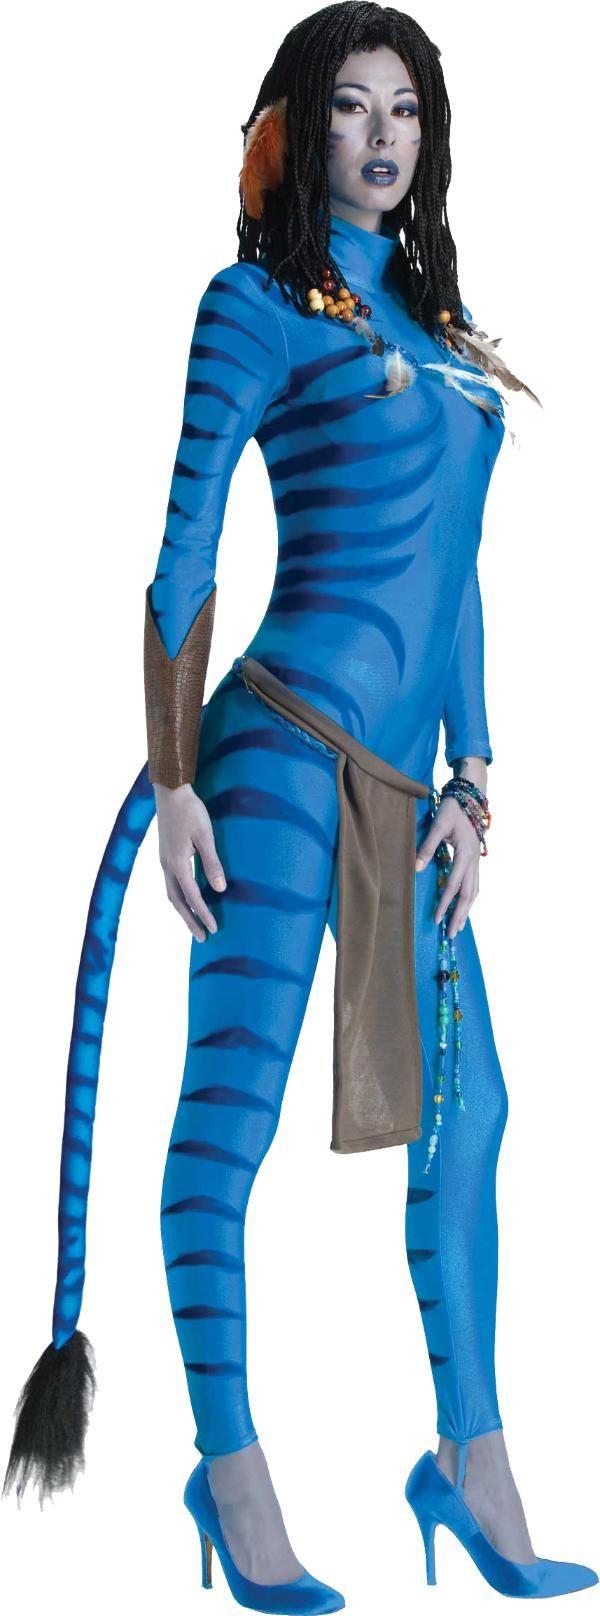 Avatar Neytiri™ kostuum voor vrouwen: Dit Neytiri kostuum van Avatar bestaat uit een elastisch pak voor aangenaam en nauw aansluitend draagcomfort (pruik niet inbegrepen). Voelt zacht aan en komt tot aan de hals zodat het er net als...